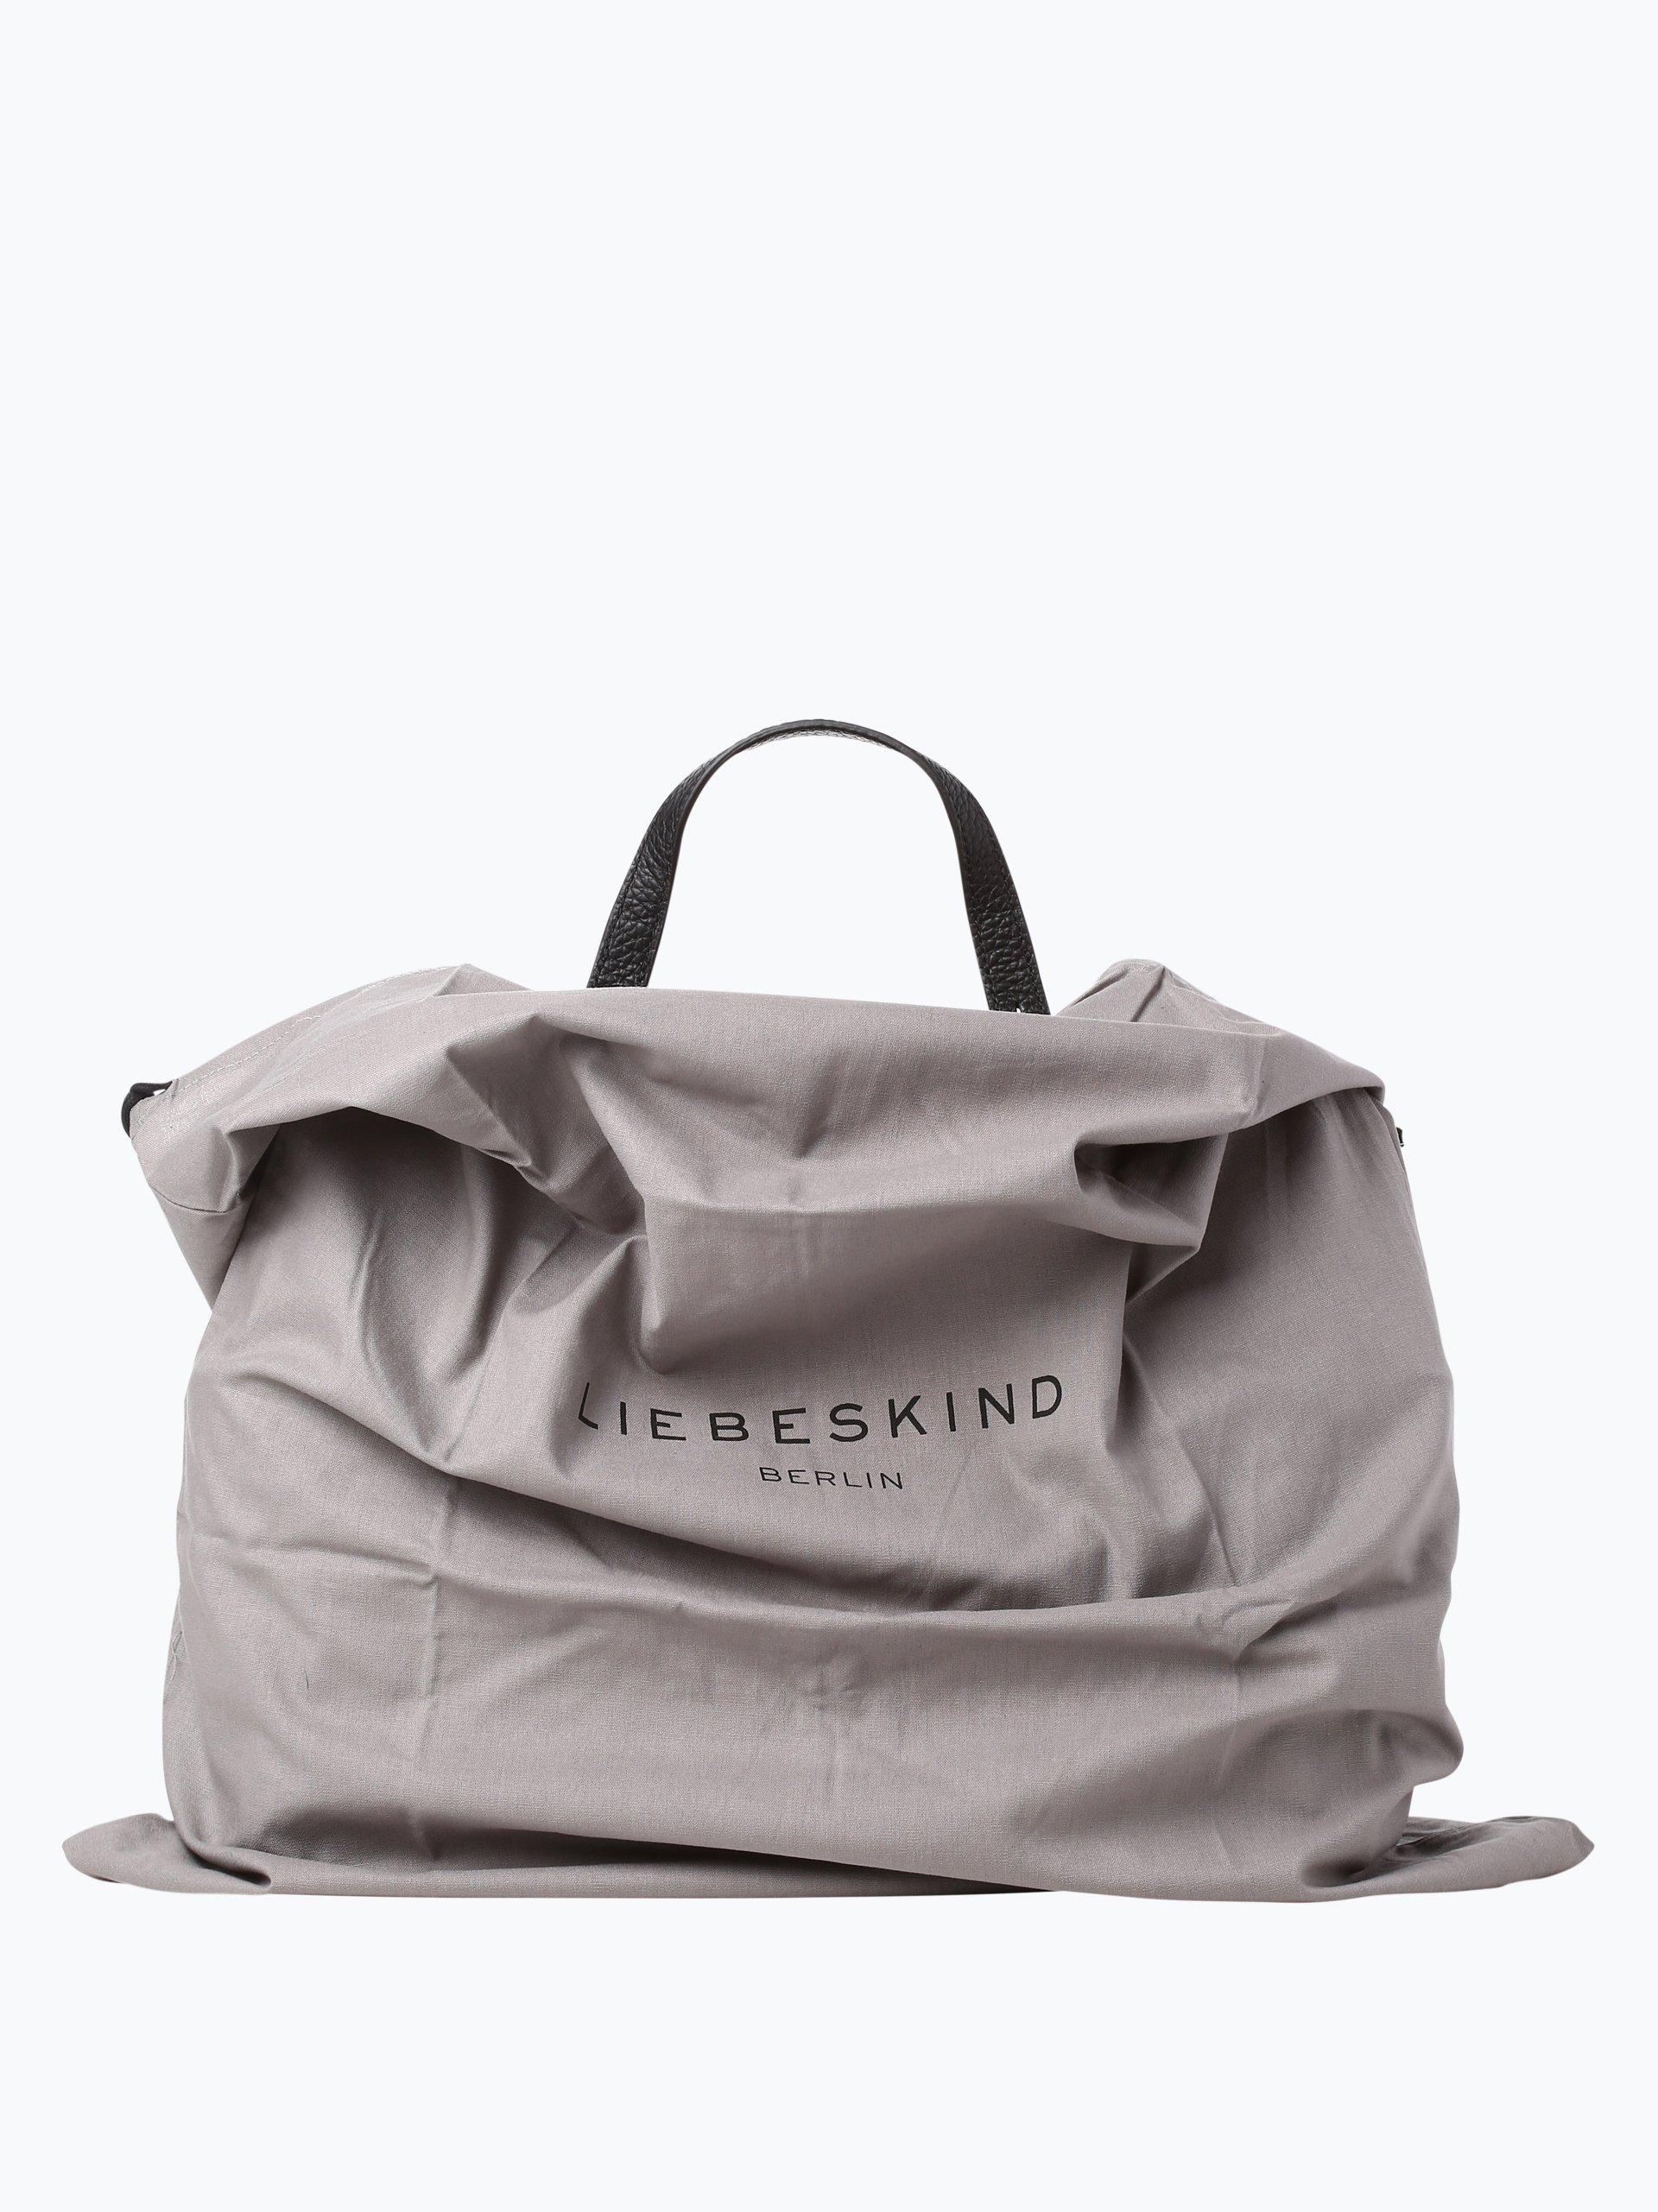 liebeskind damen handtasche aus leder idaho schwarz uni online kaufen vangraaf com. Black Bedroom Furniture Sets. Home Design Ideas